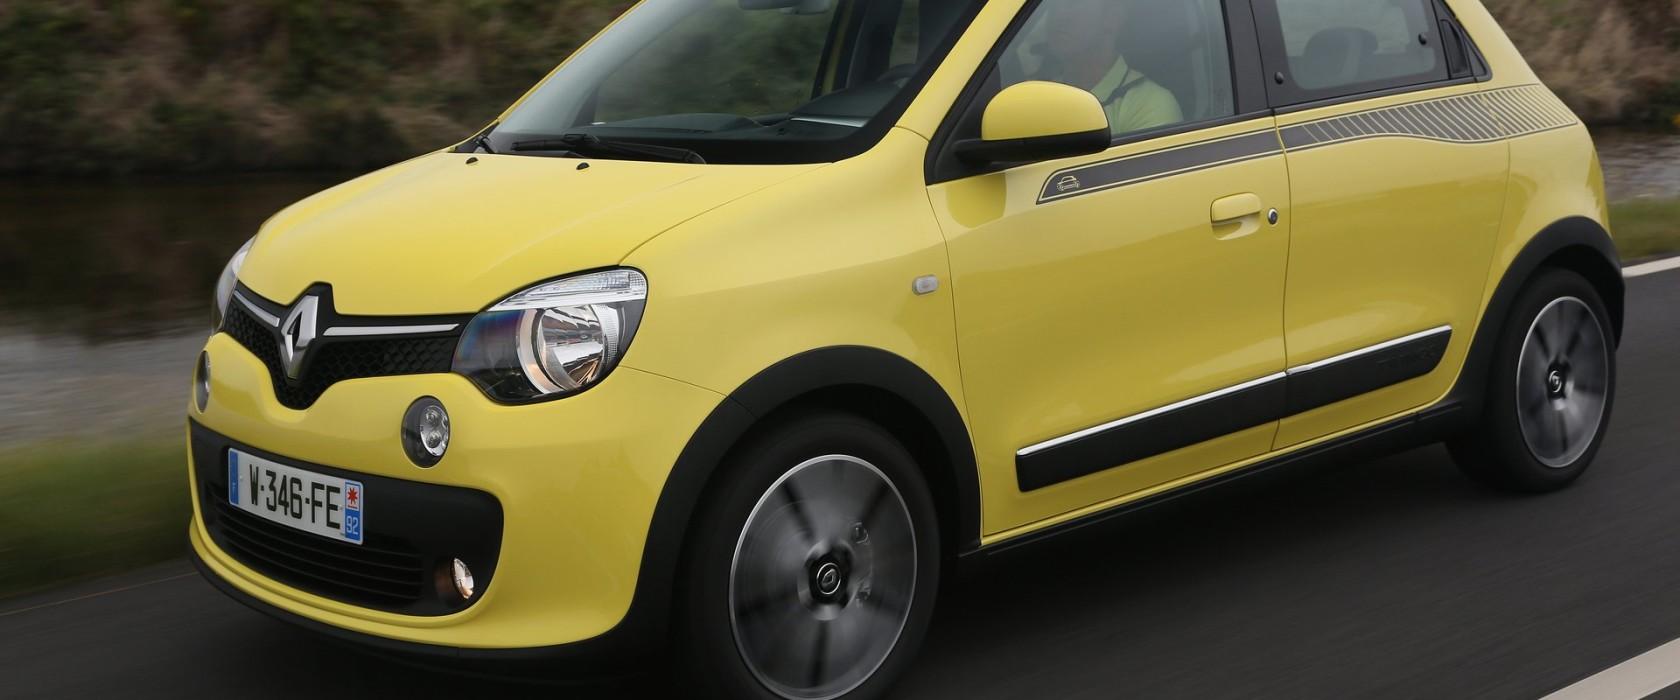 RenaultTwingo2015-003